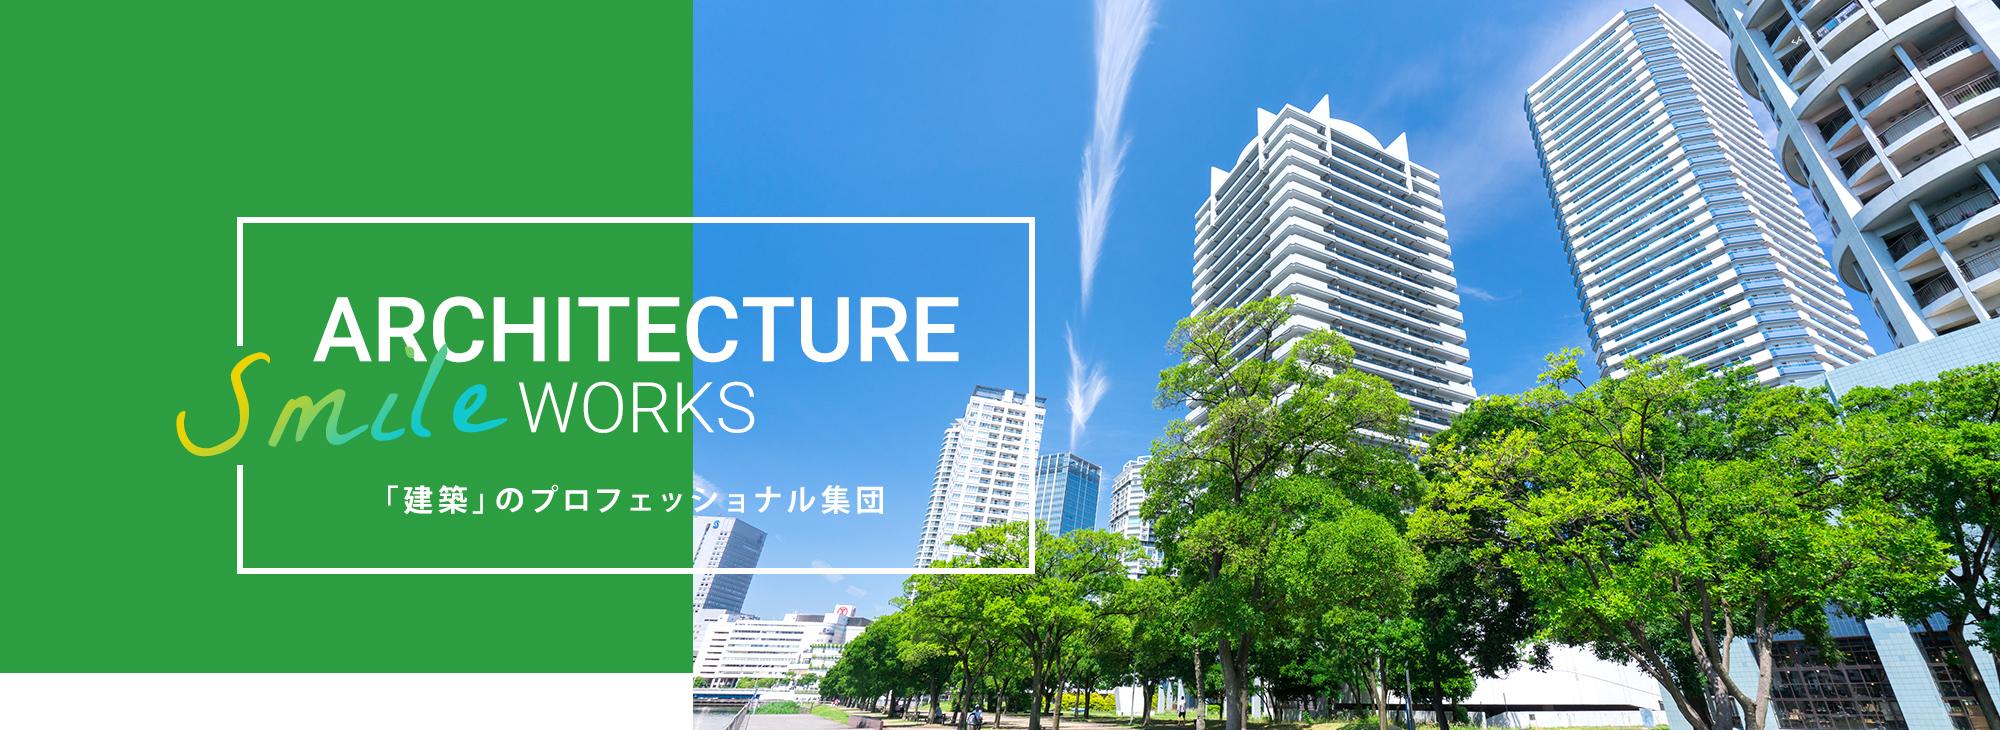 マンション・集合住宅の新築工事は大阪府東大阪市のスマイルグループ